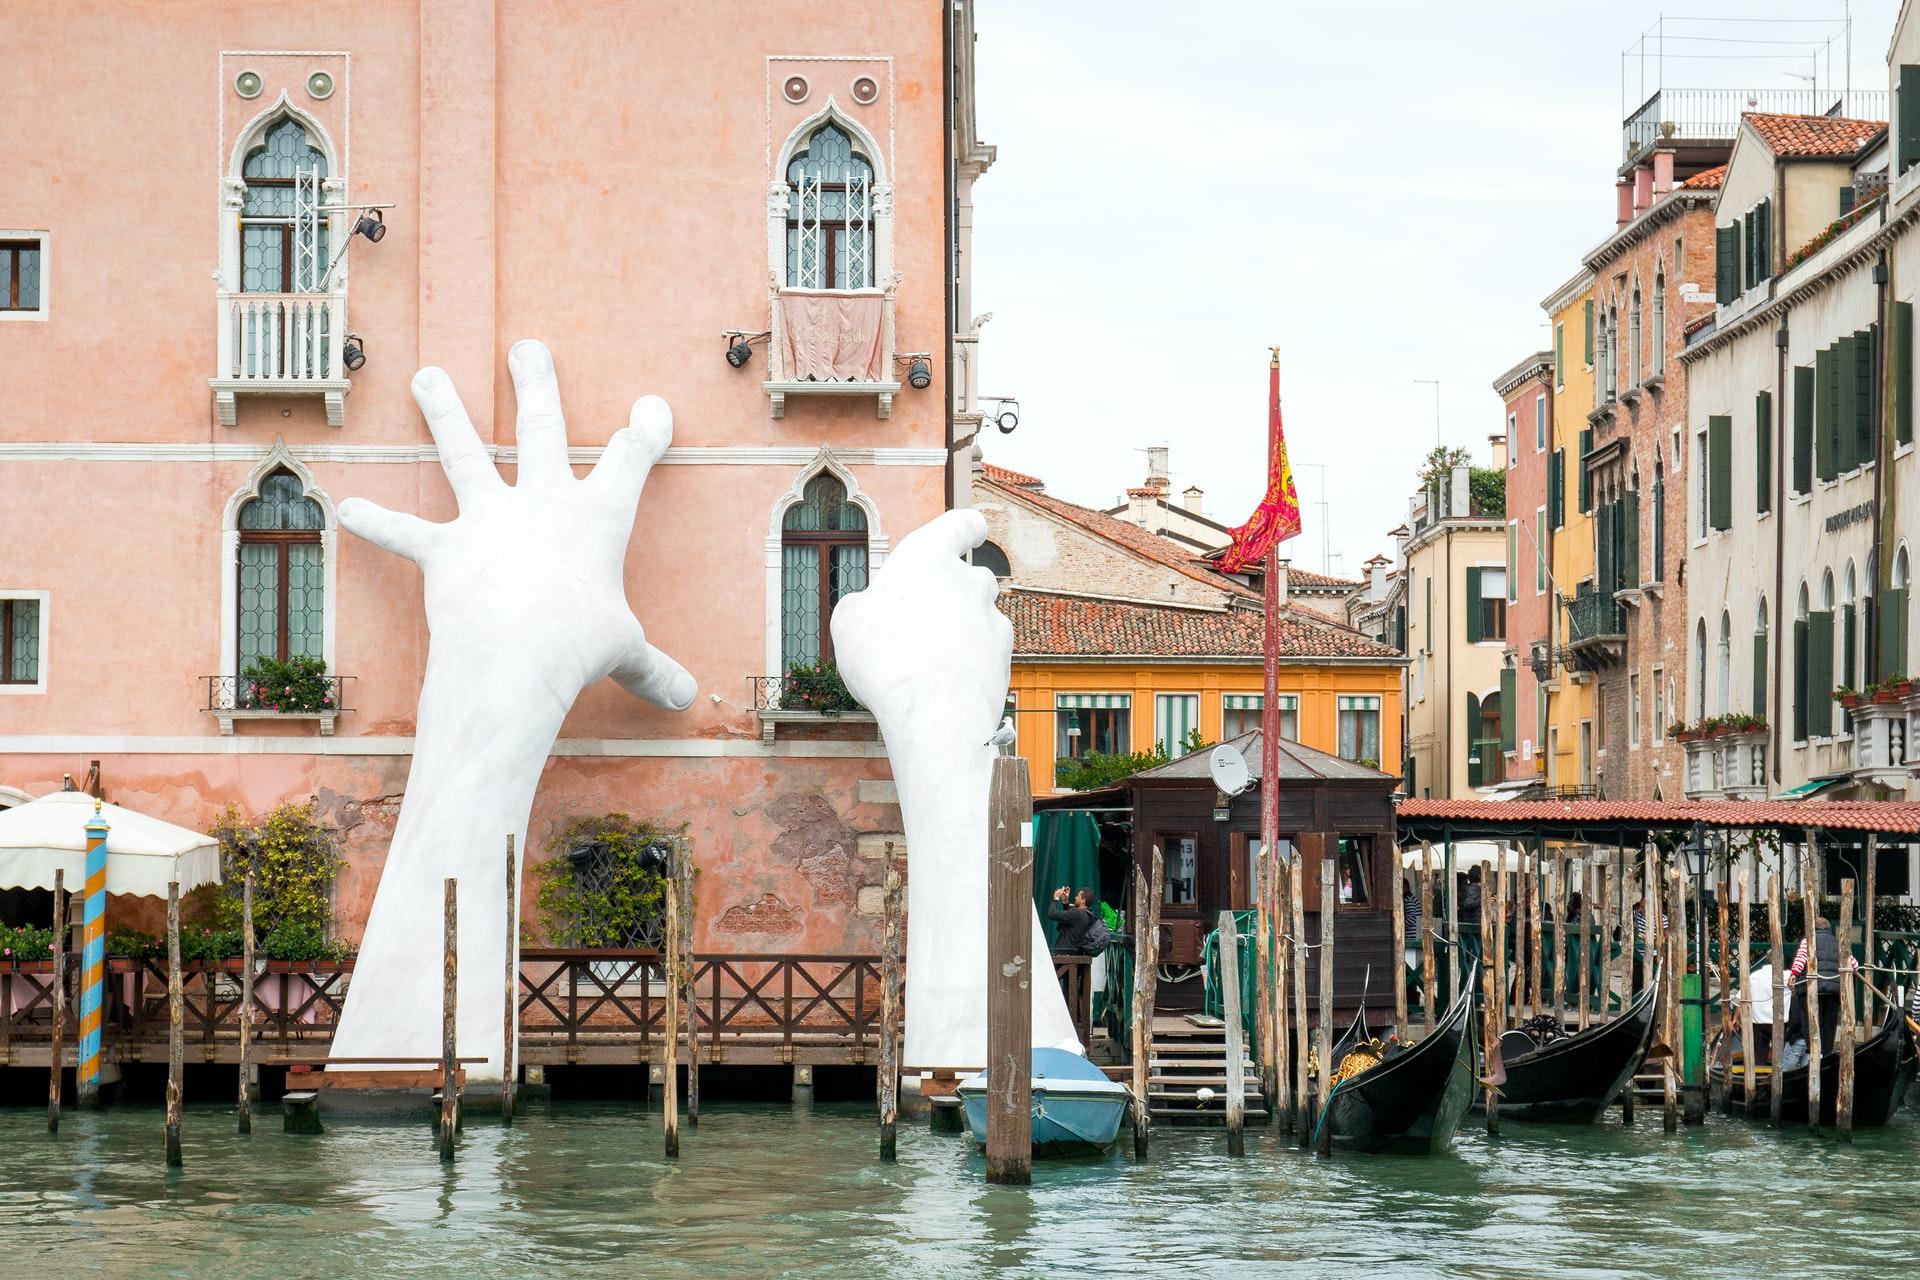 [FOTO] Monumentalna skulptura tema je mnogih razgovora, a njena simbolika nikada nije bila aktualnija